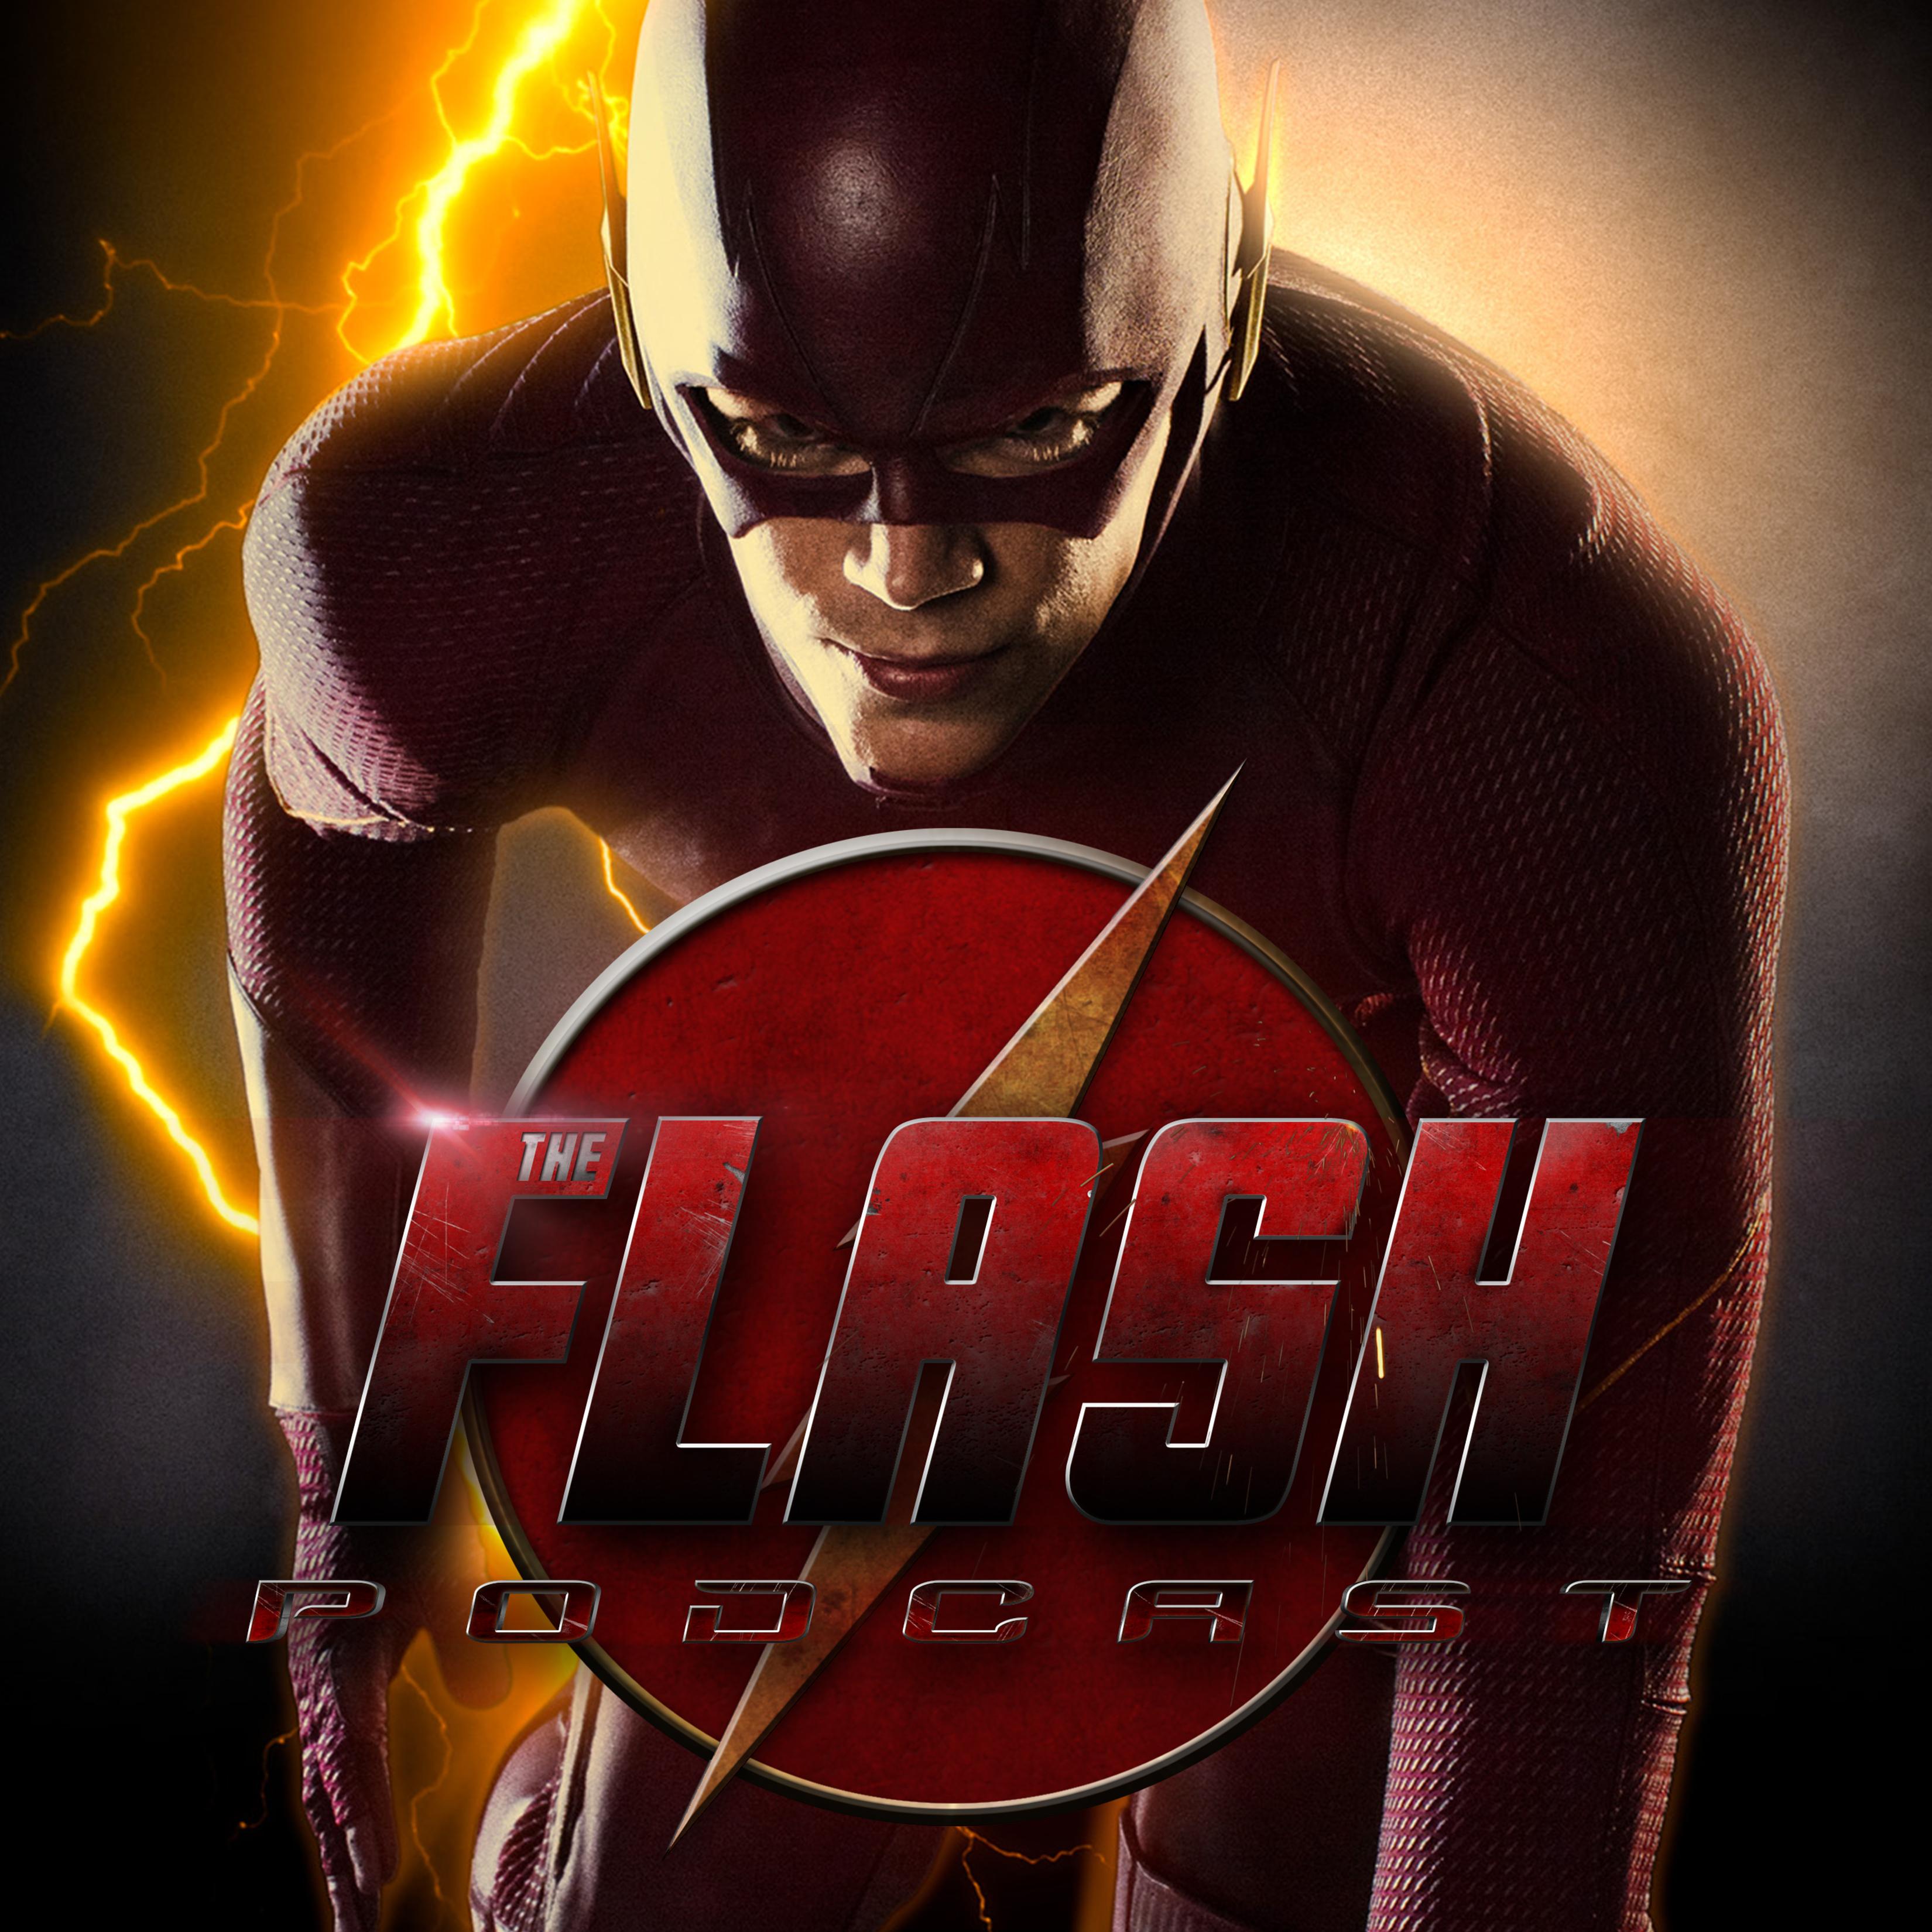 The Flash Podcast 028 - TCA 2014 Talk and Pre-San Diego Comic-Con Show